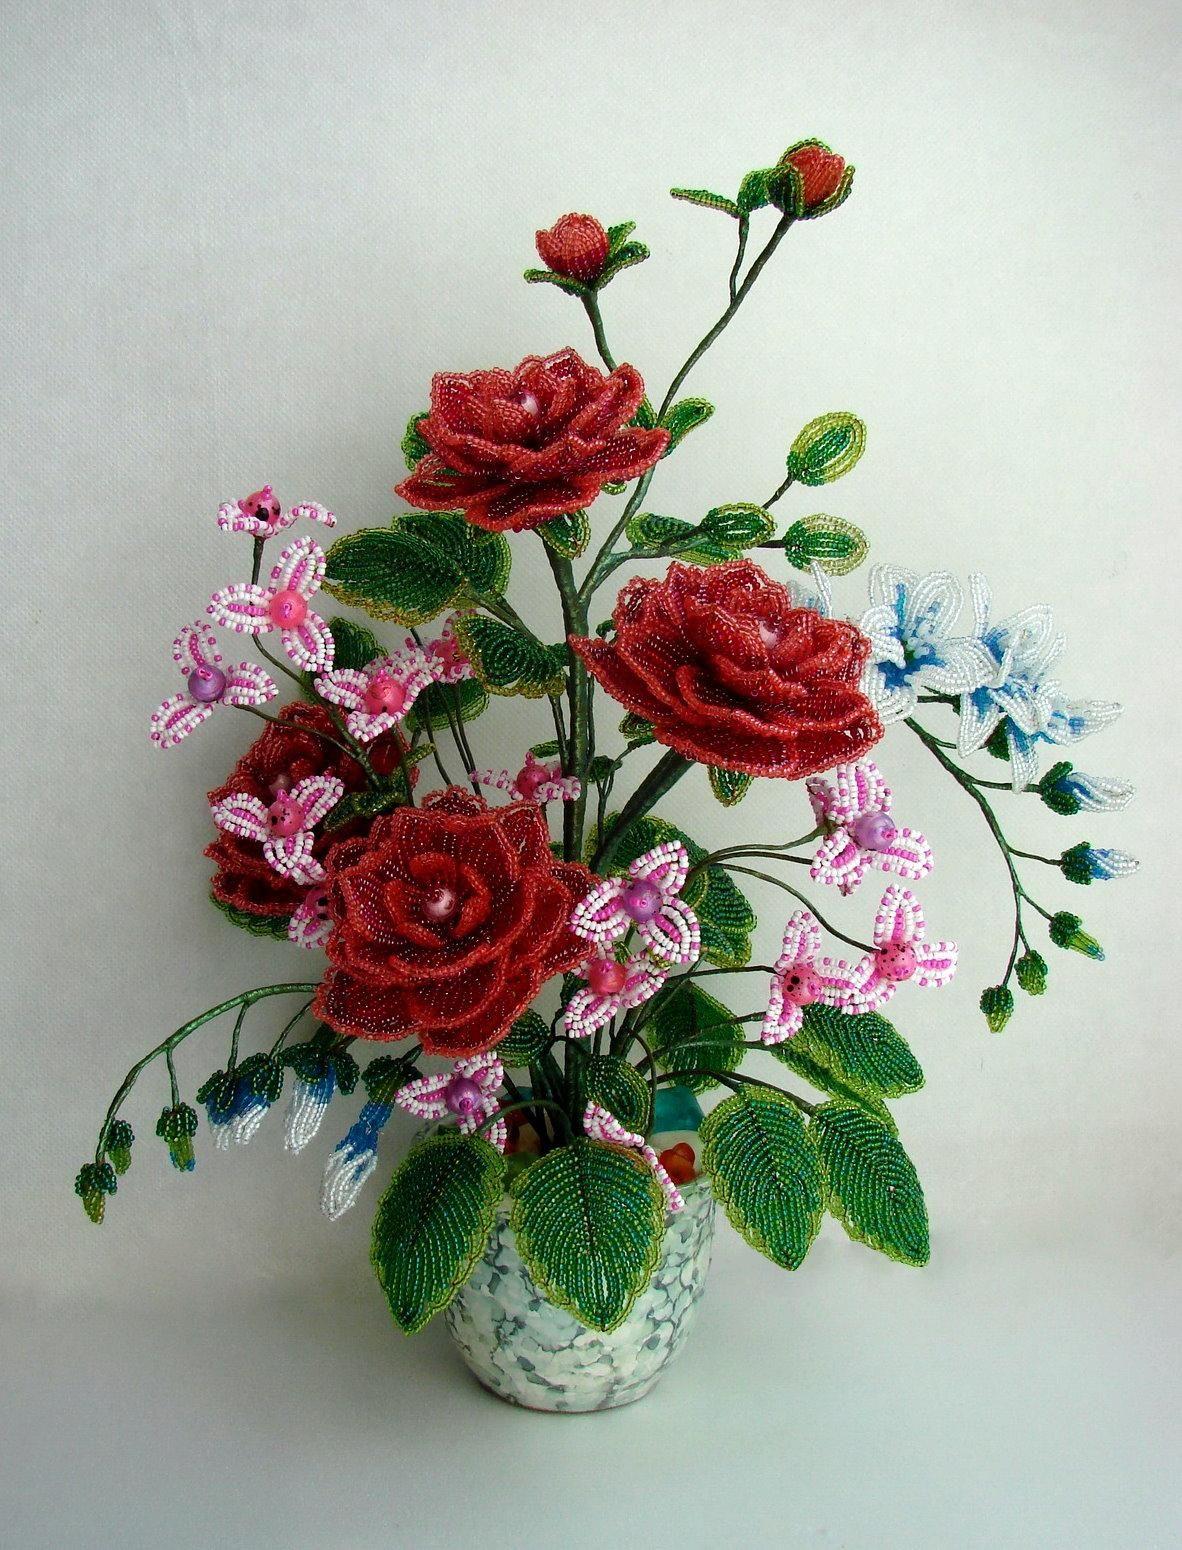 найти цветы из бисера композиции и букеты фото или заставки этот